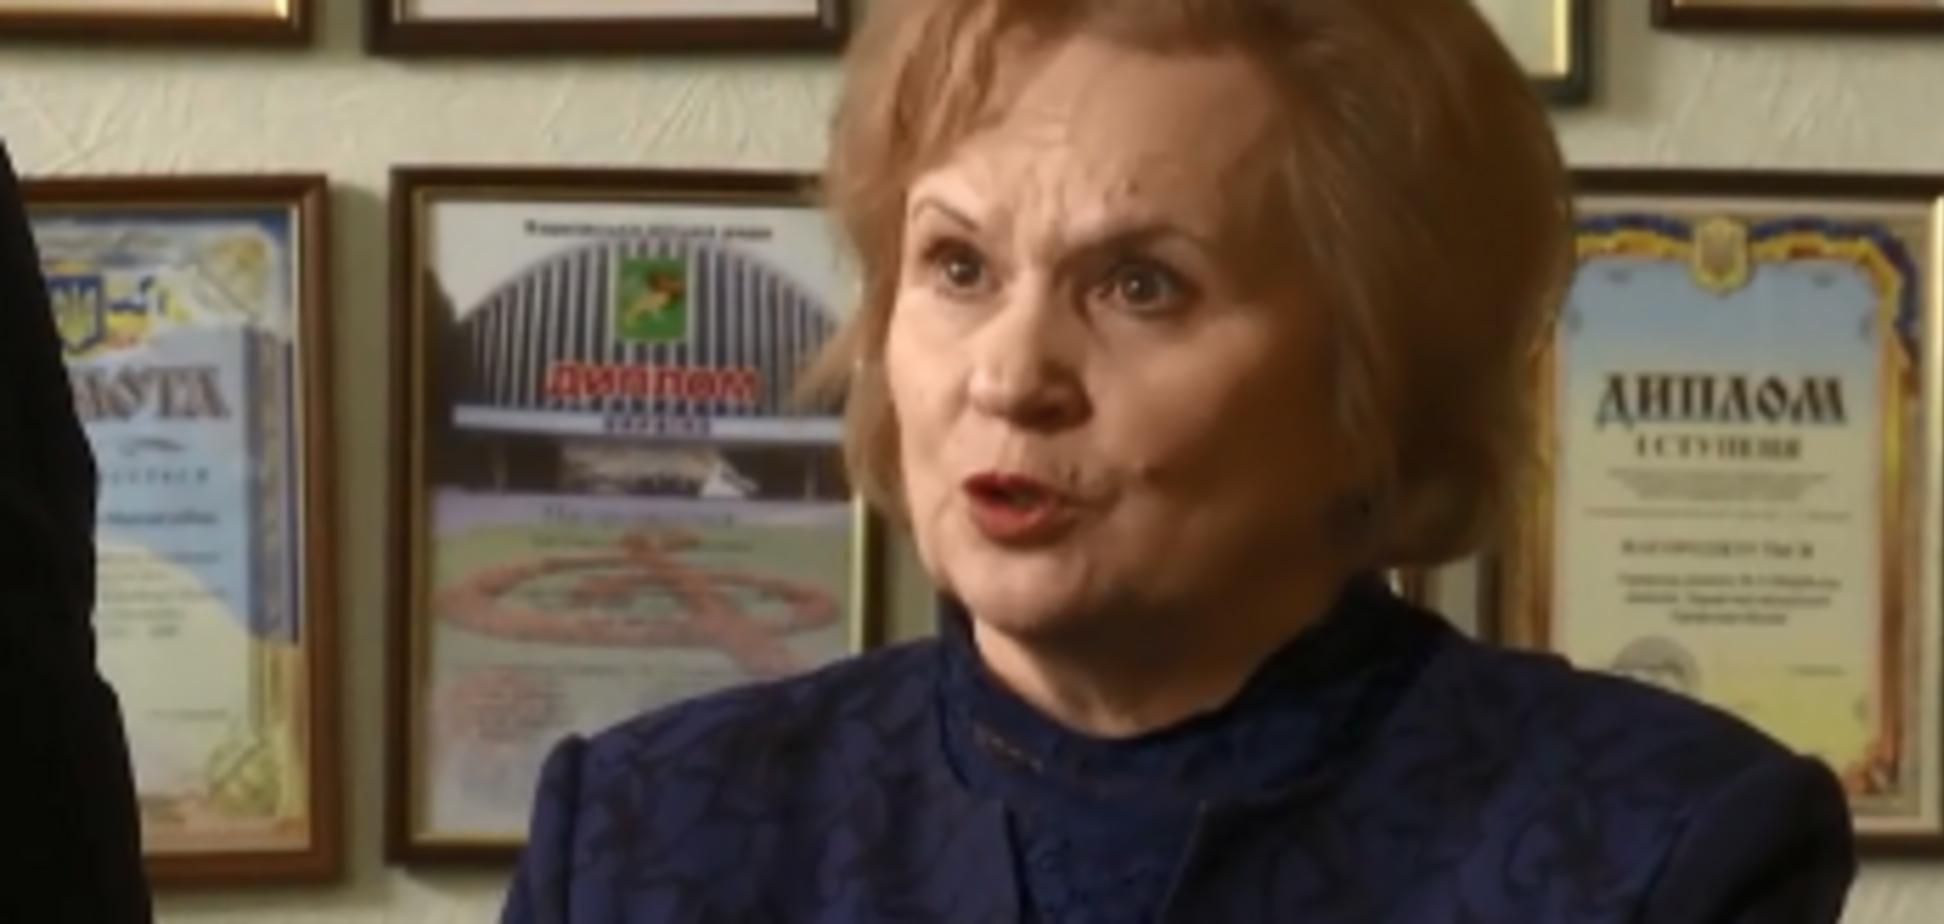 'Свинота такая': в Харькове учитель украинского языка попала в скандал с детьми